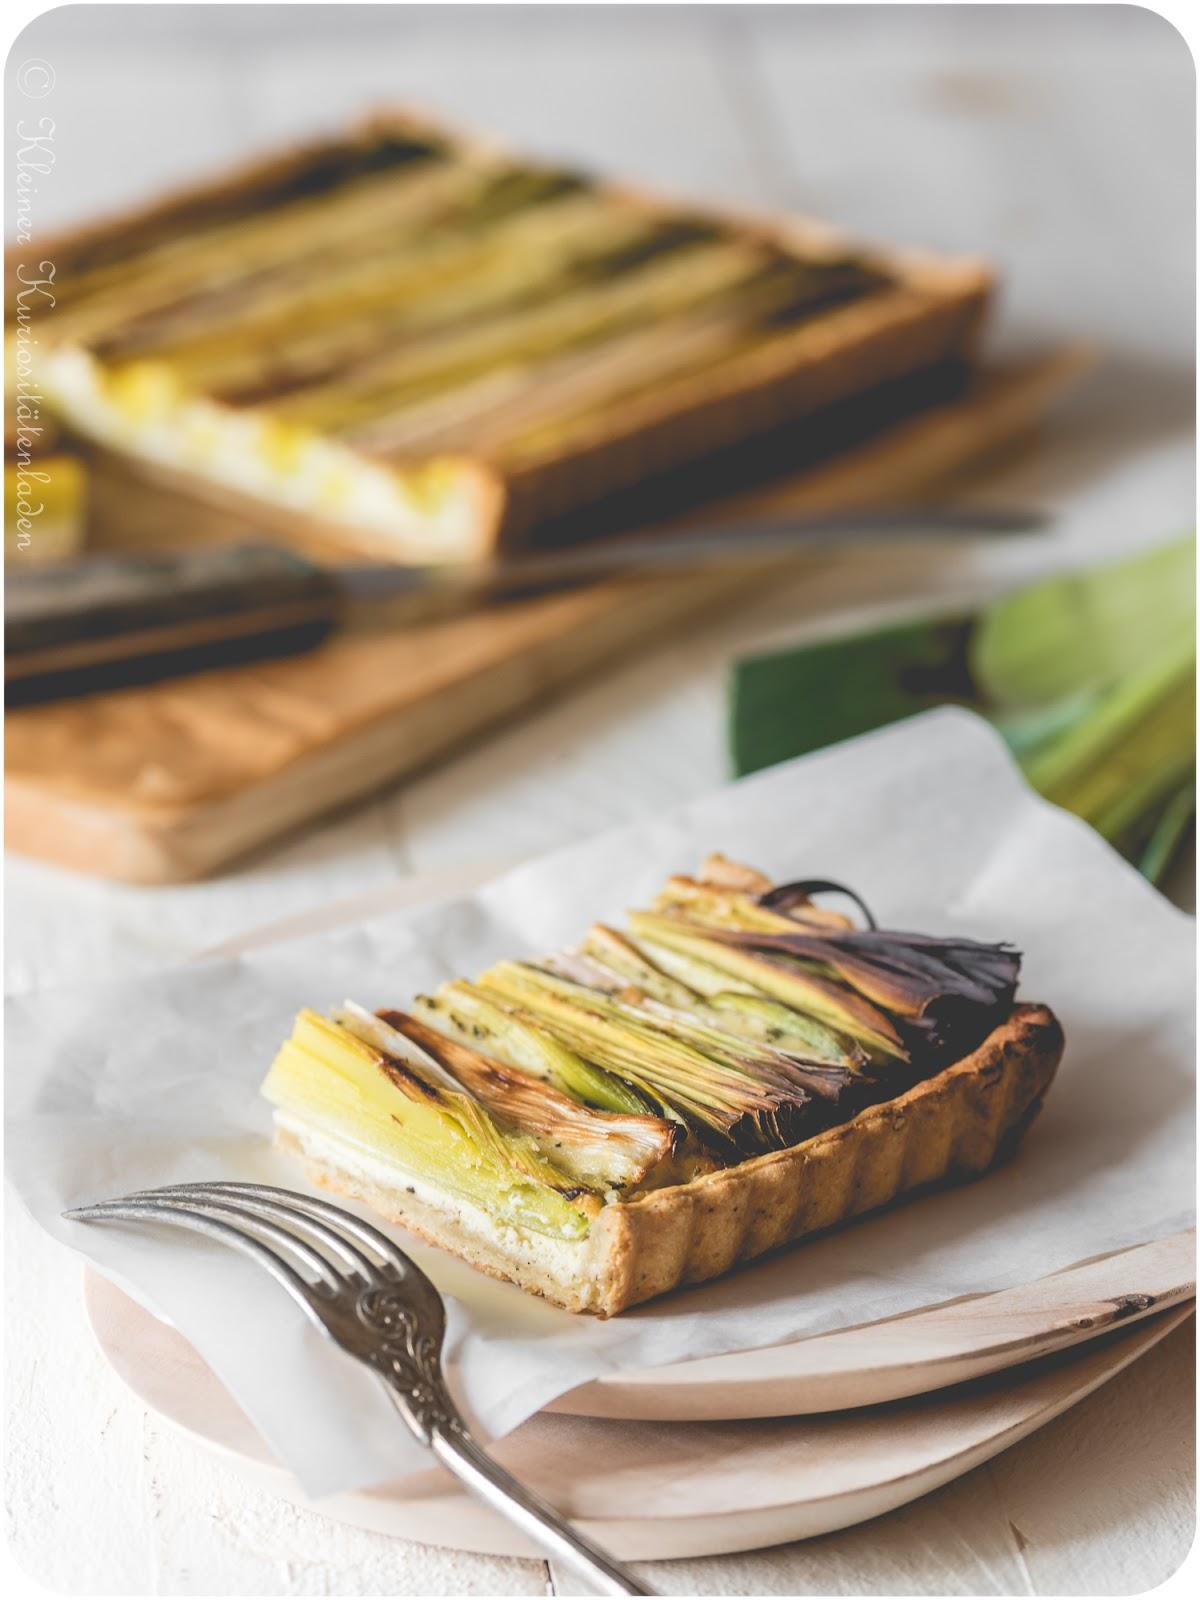 Tarte aux poireaux | Lauchtarte mit Gruyère